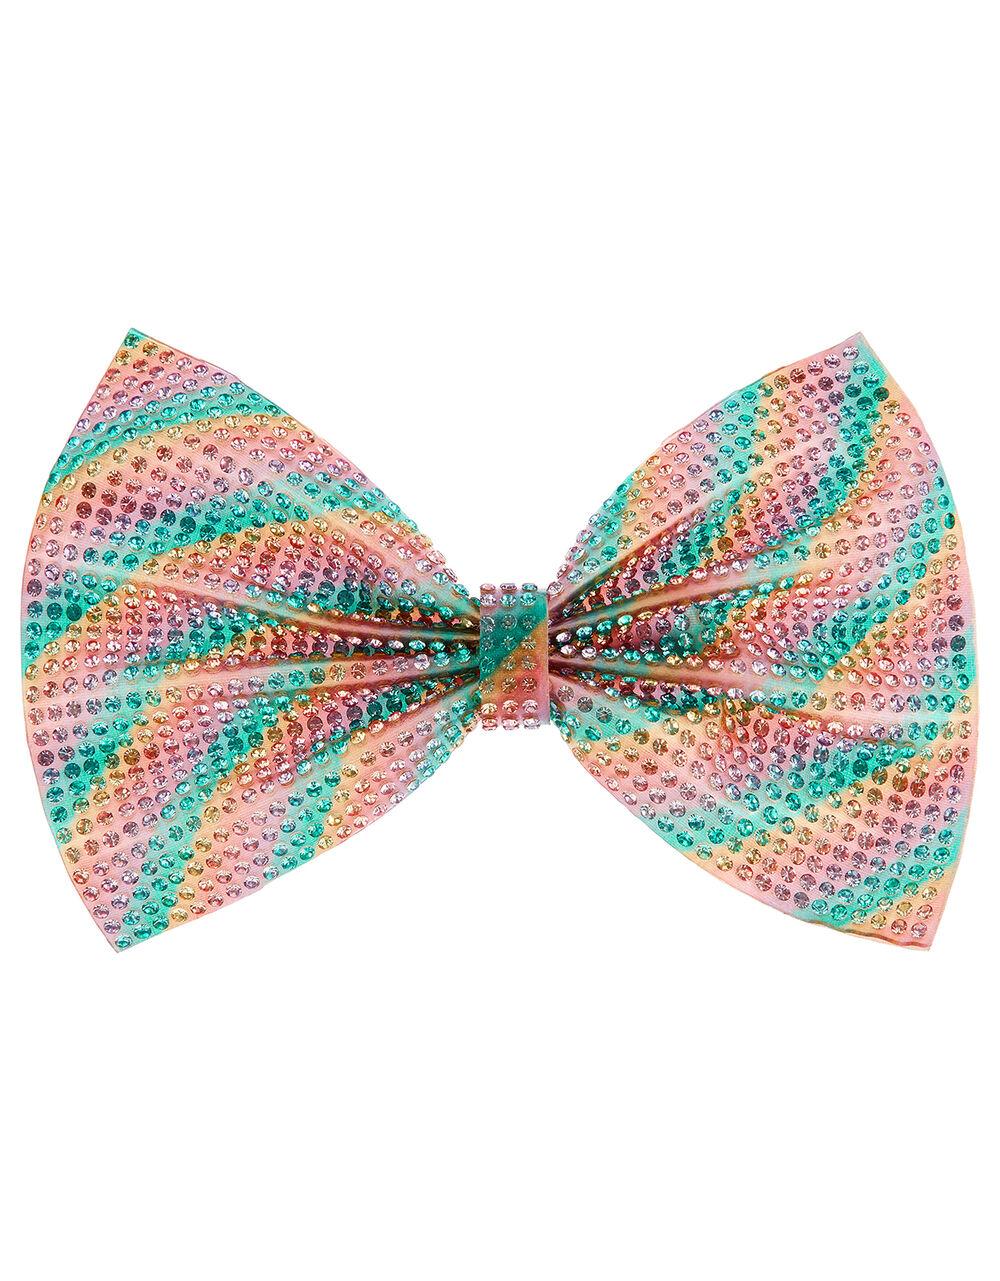 Roxy Rainbow Dazzle Bow Hair Clip, , large